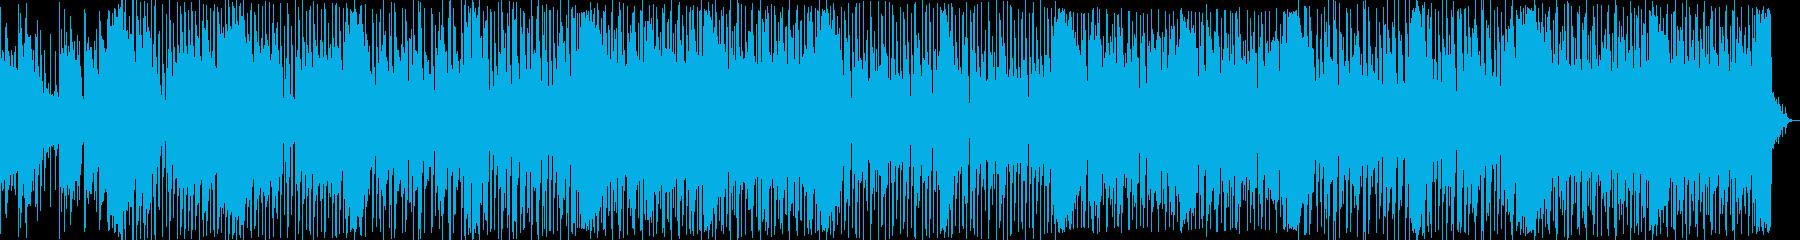 切なくても力強い意志を感じるBGMの再生済みの波形